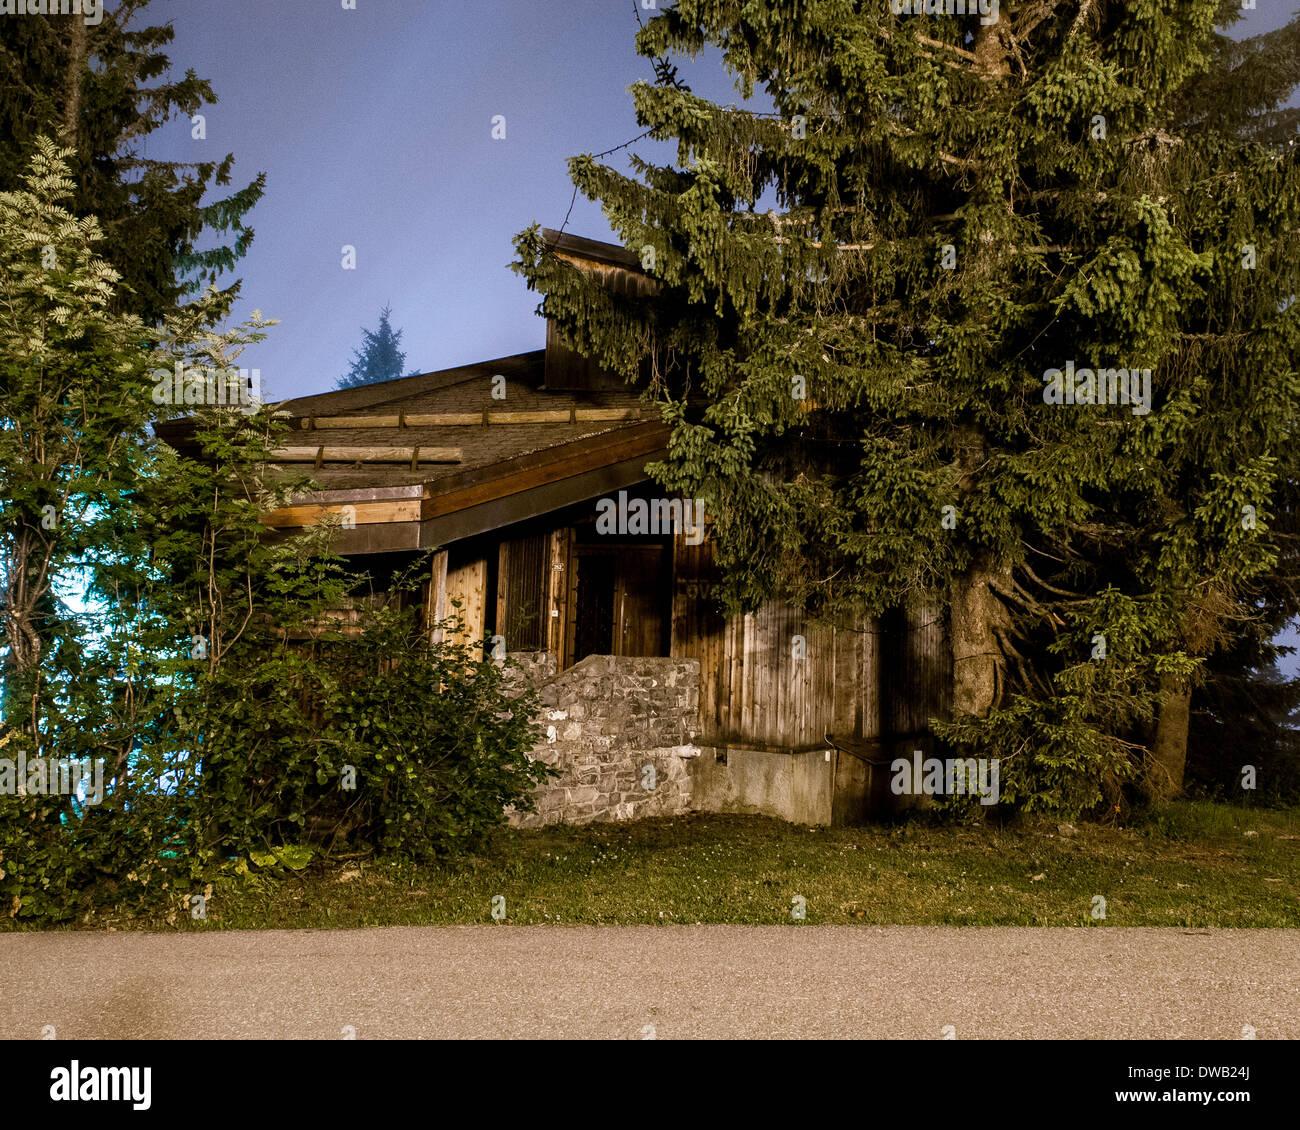 Avoriaz, Avoriaz, France. Architect: Jacques Labro, Simon Cloutier, Jean-Jacques Orzoni, 2014. Chalet (Summer). Stock Photo